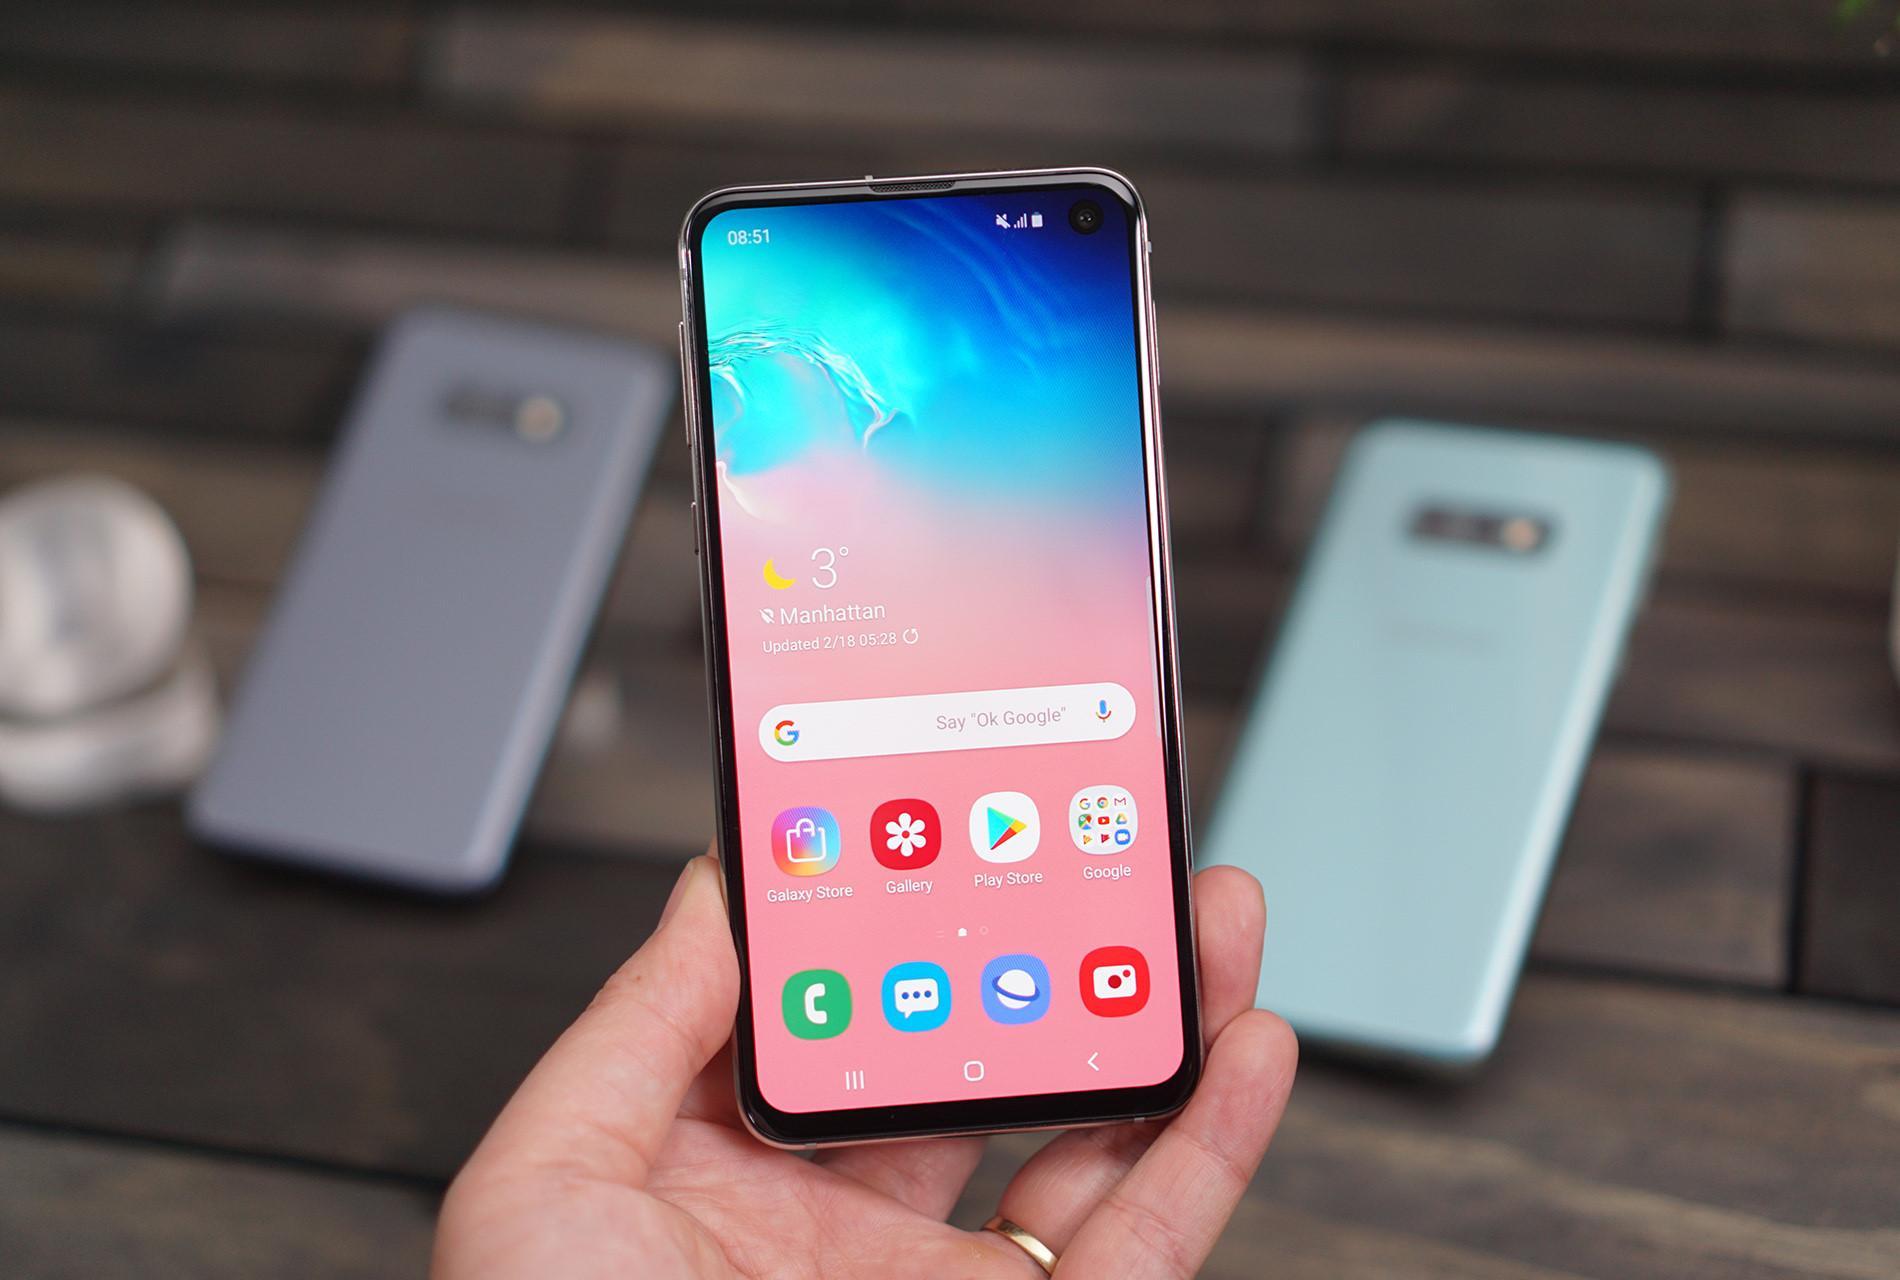 Chi tiết Galaxy S10e - vũ khí bí mật của Samsung? Ảnh 3